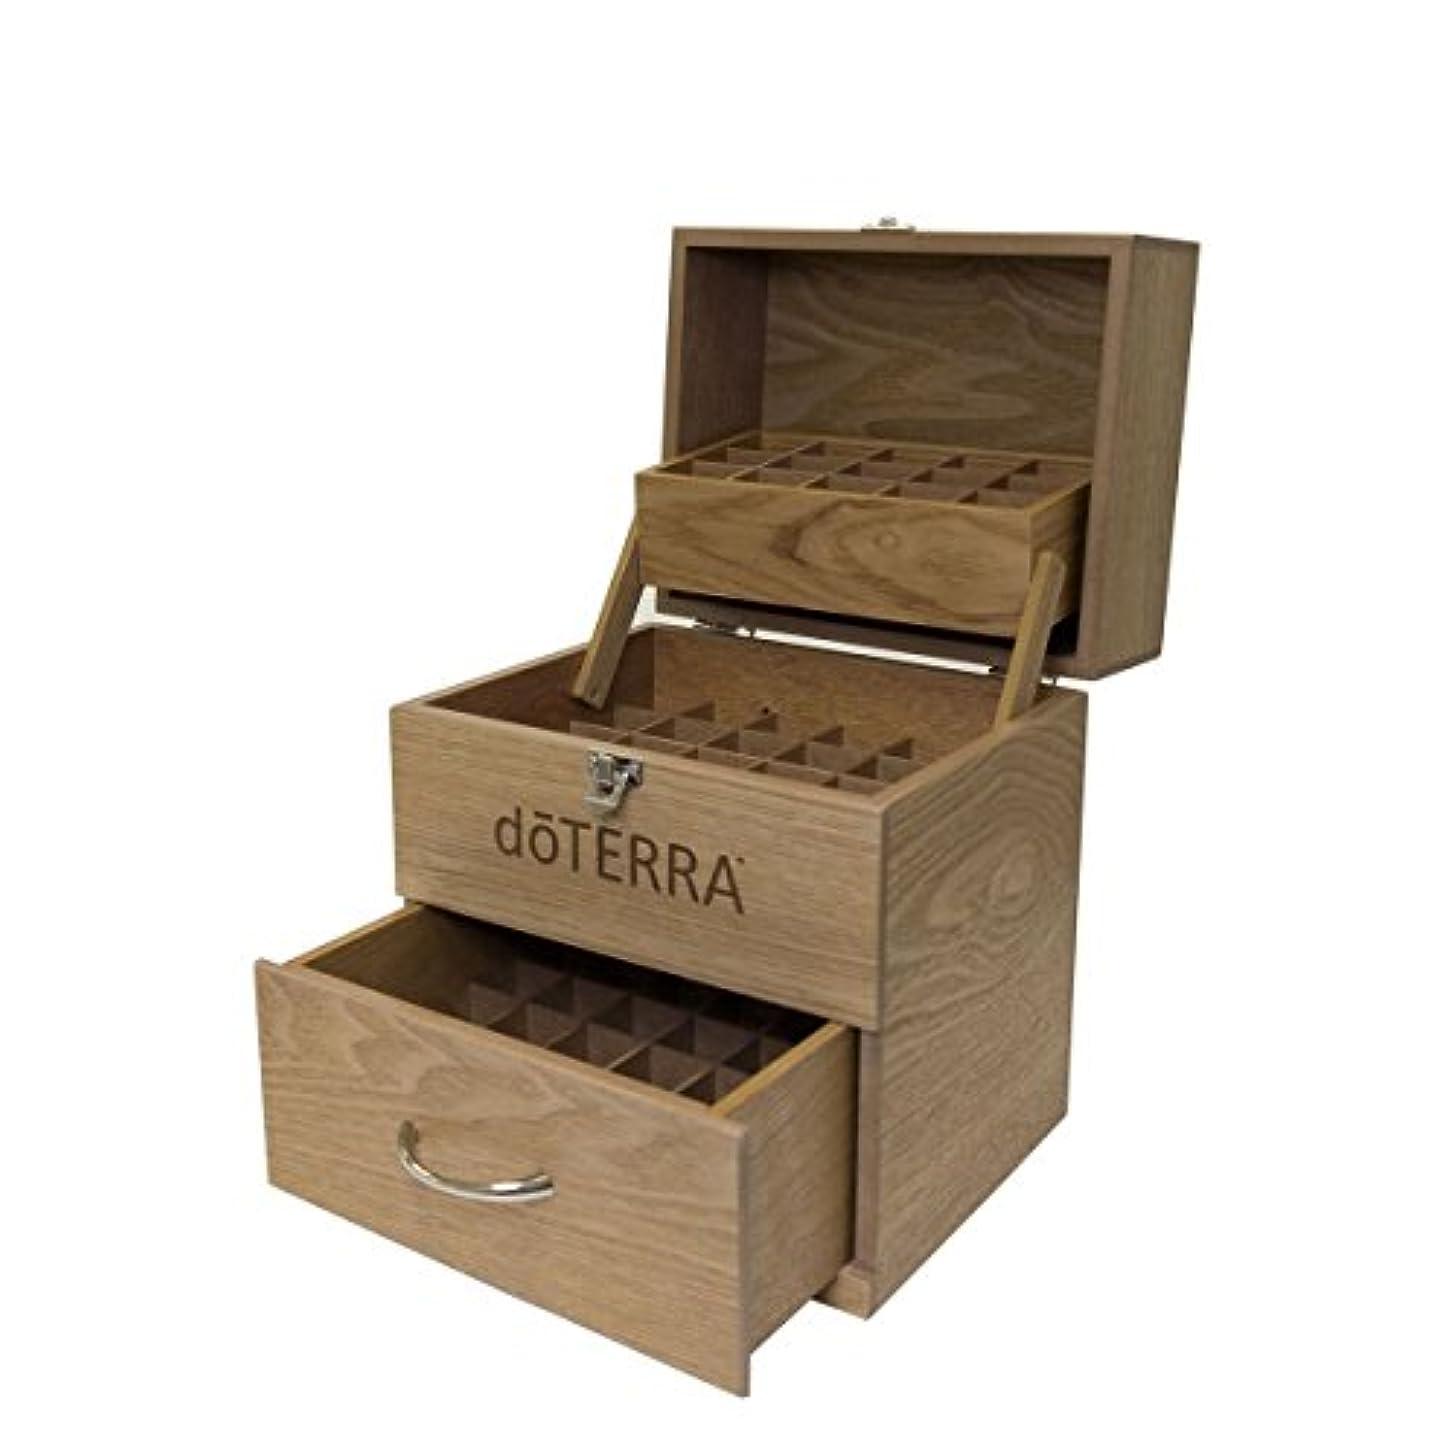 兄逸話ウェイトレス(ドテラ) doTERRA ウッドボックス ライトブラウン 窓付き 木箱 エッセンシャルオイル 精油 整理箱 3段ボックス 75本